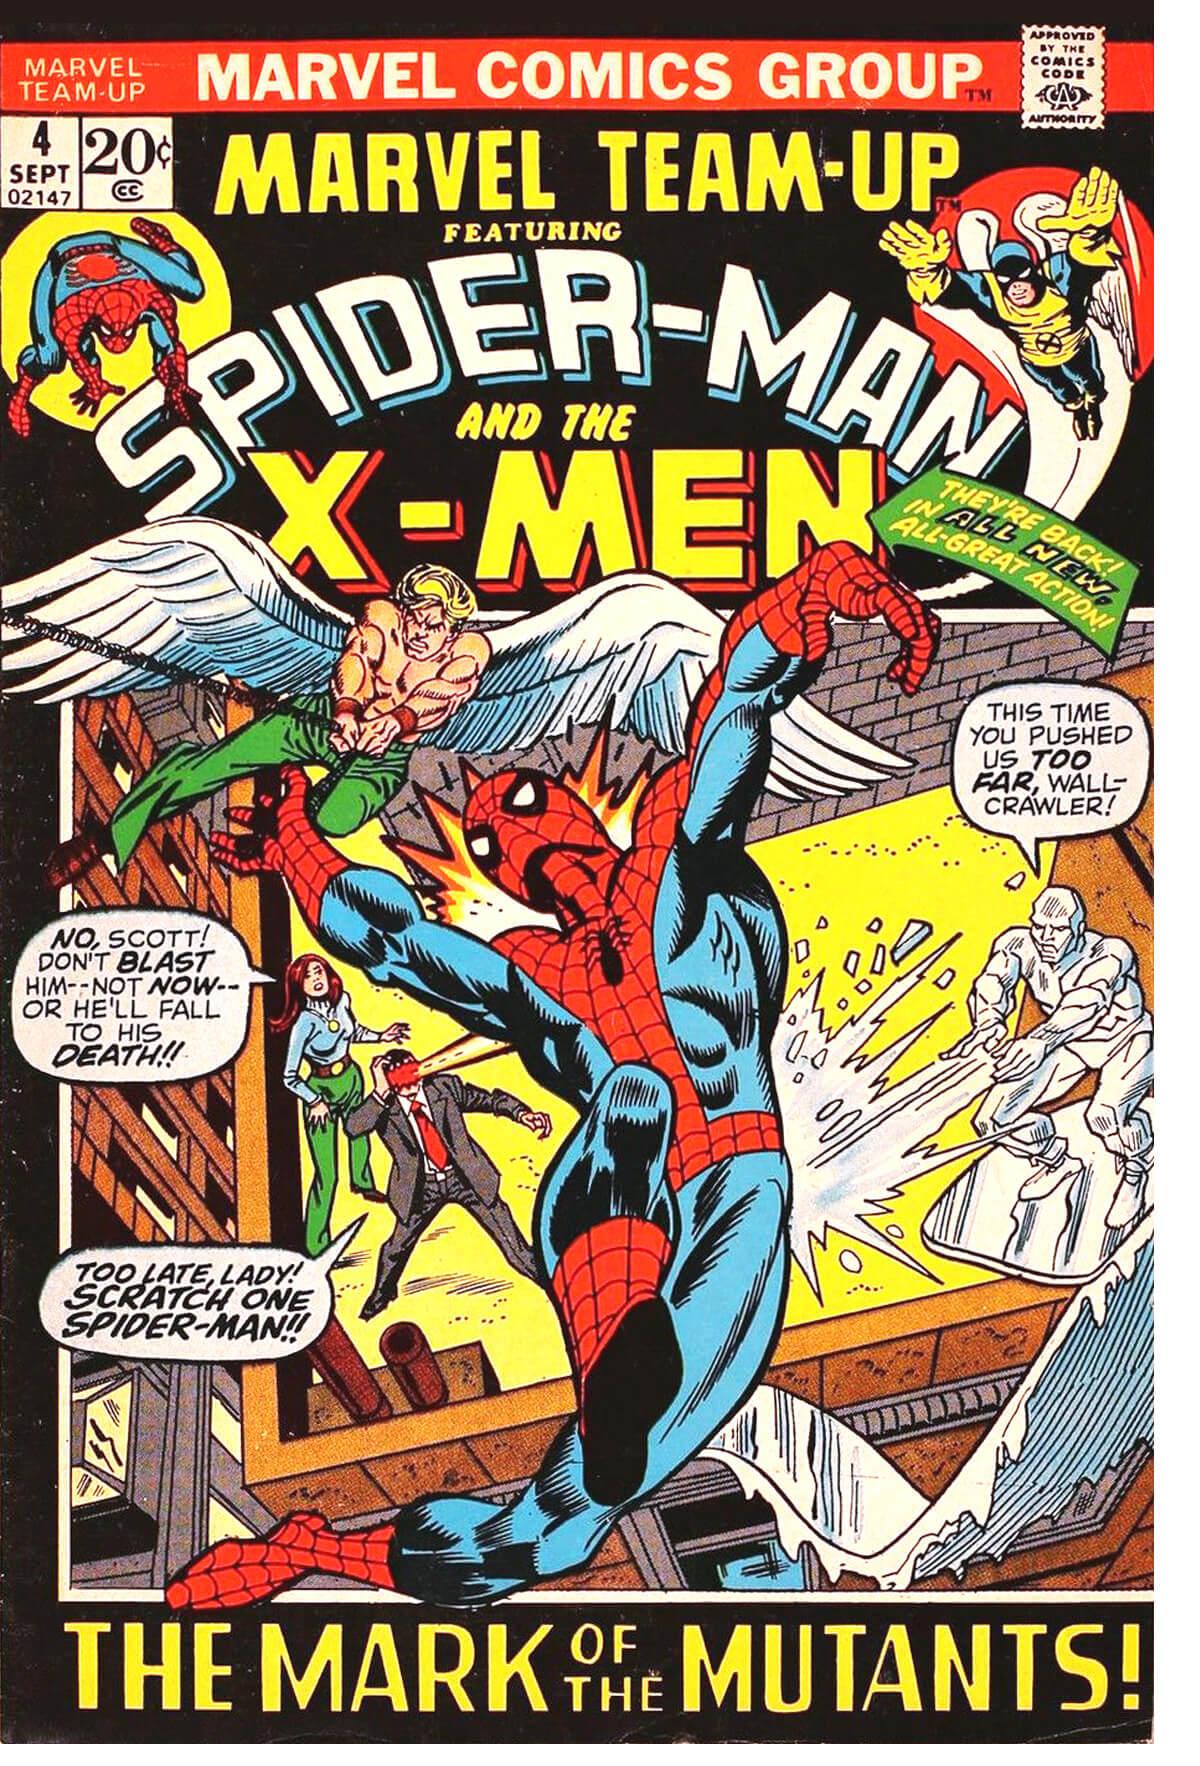 Marvel Team-Up No. 4